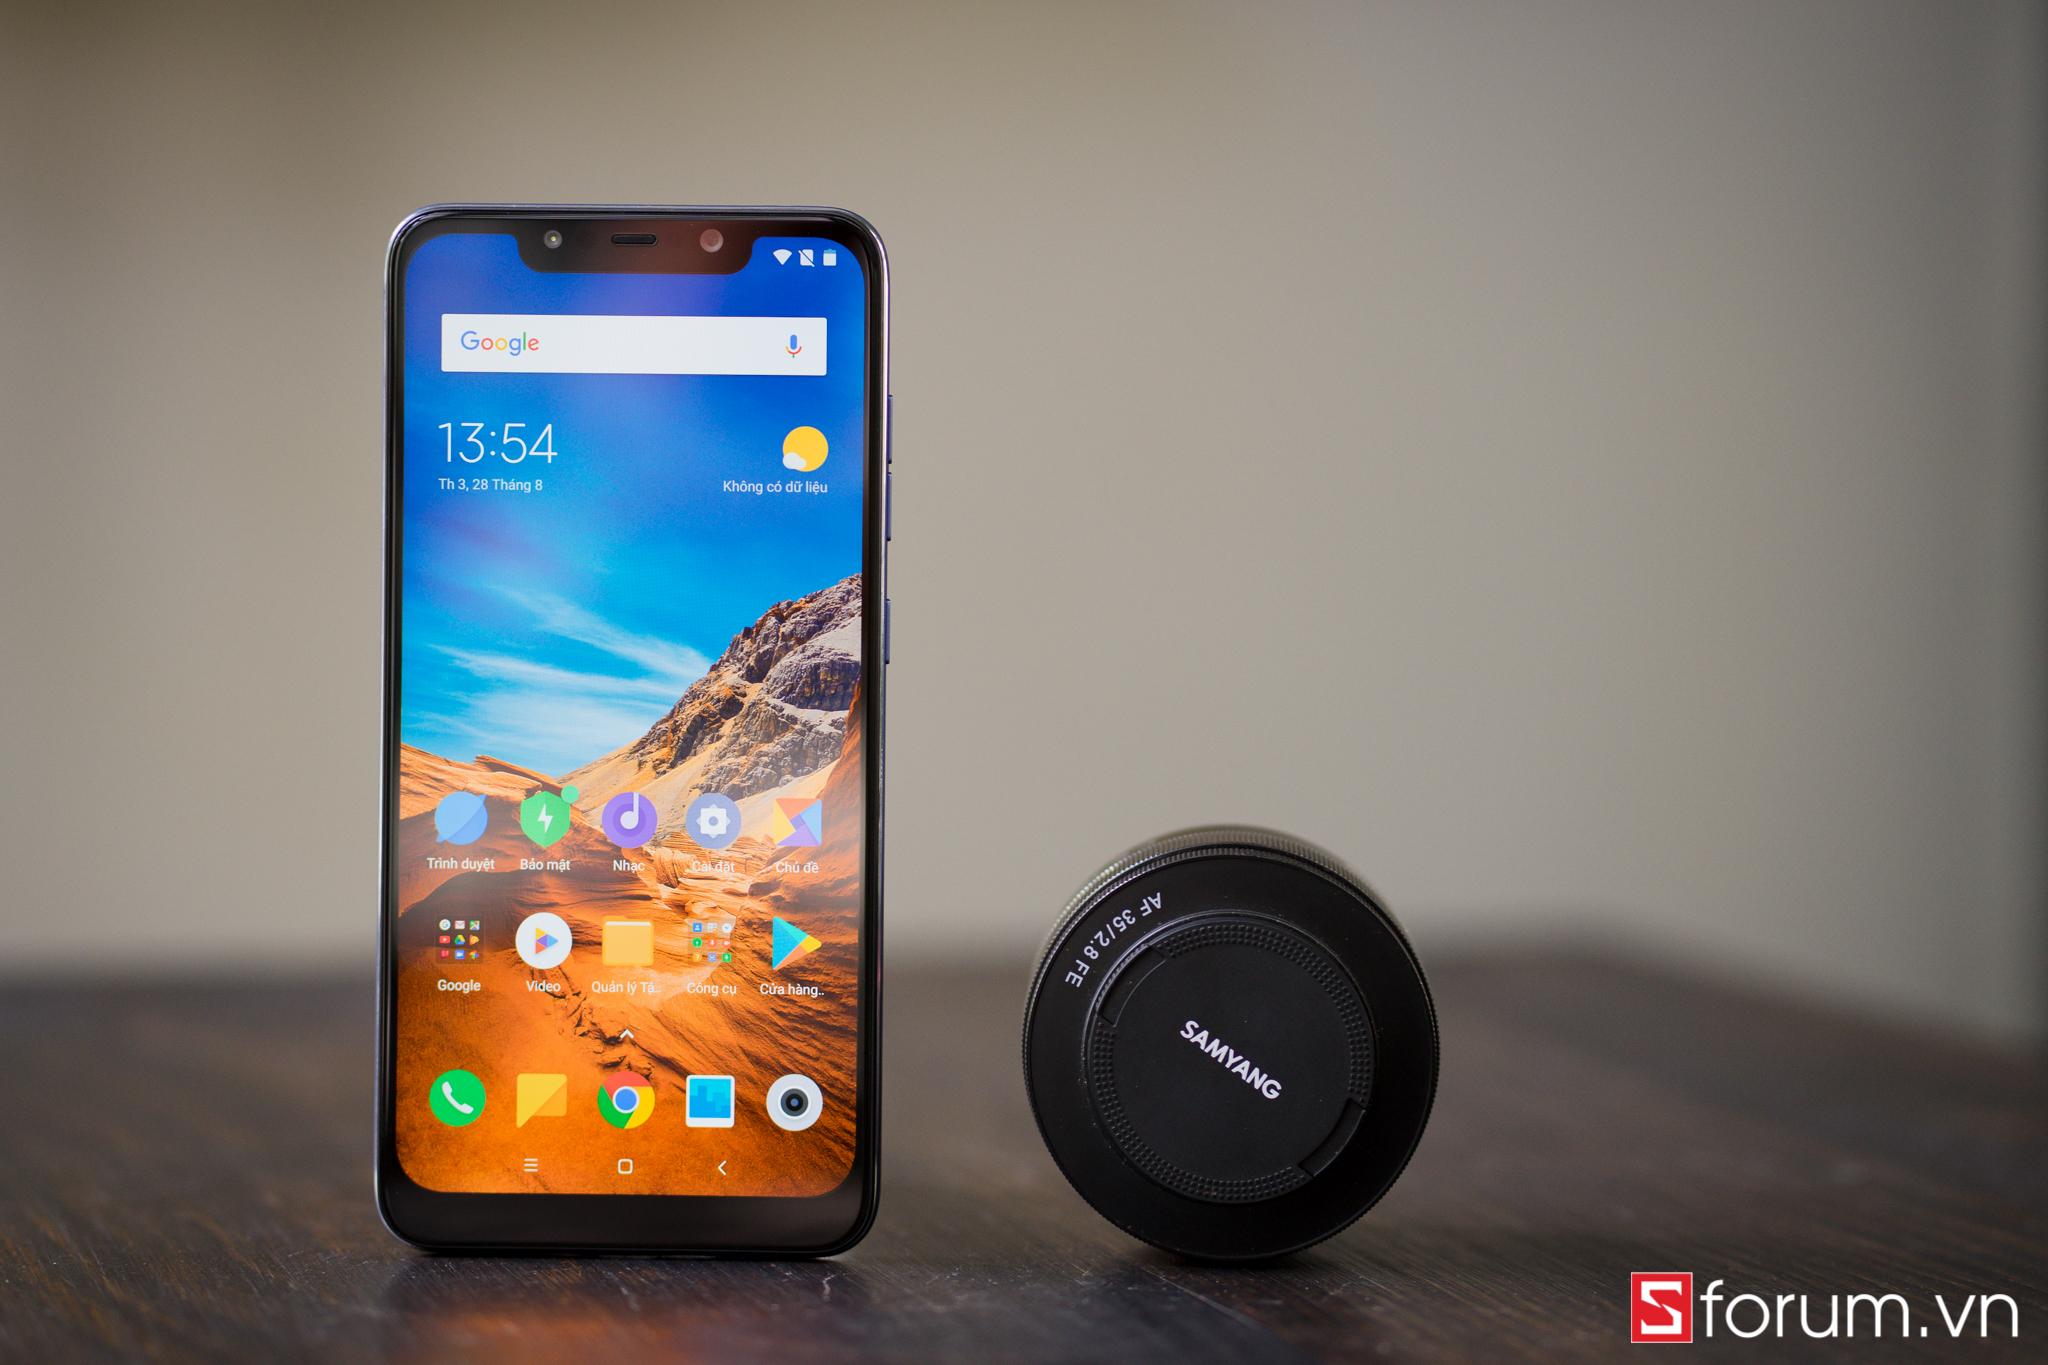 Sforum - Trang thông tin công nghệ mới nhất POCOPHONE-F1-15 Top 4 smartphone tầm trung pin trâu đáng mua trong tháng 10